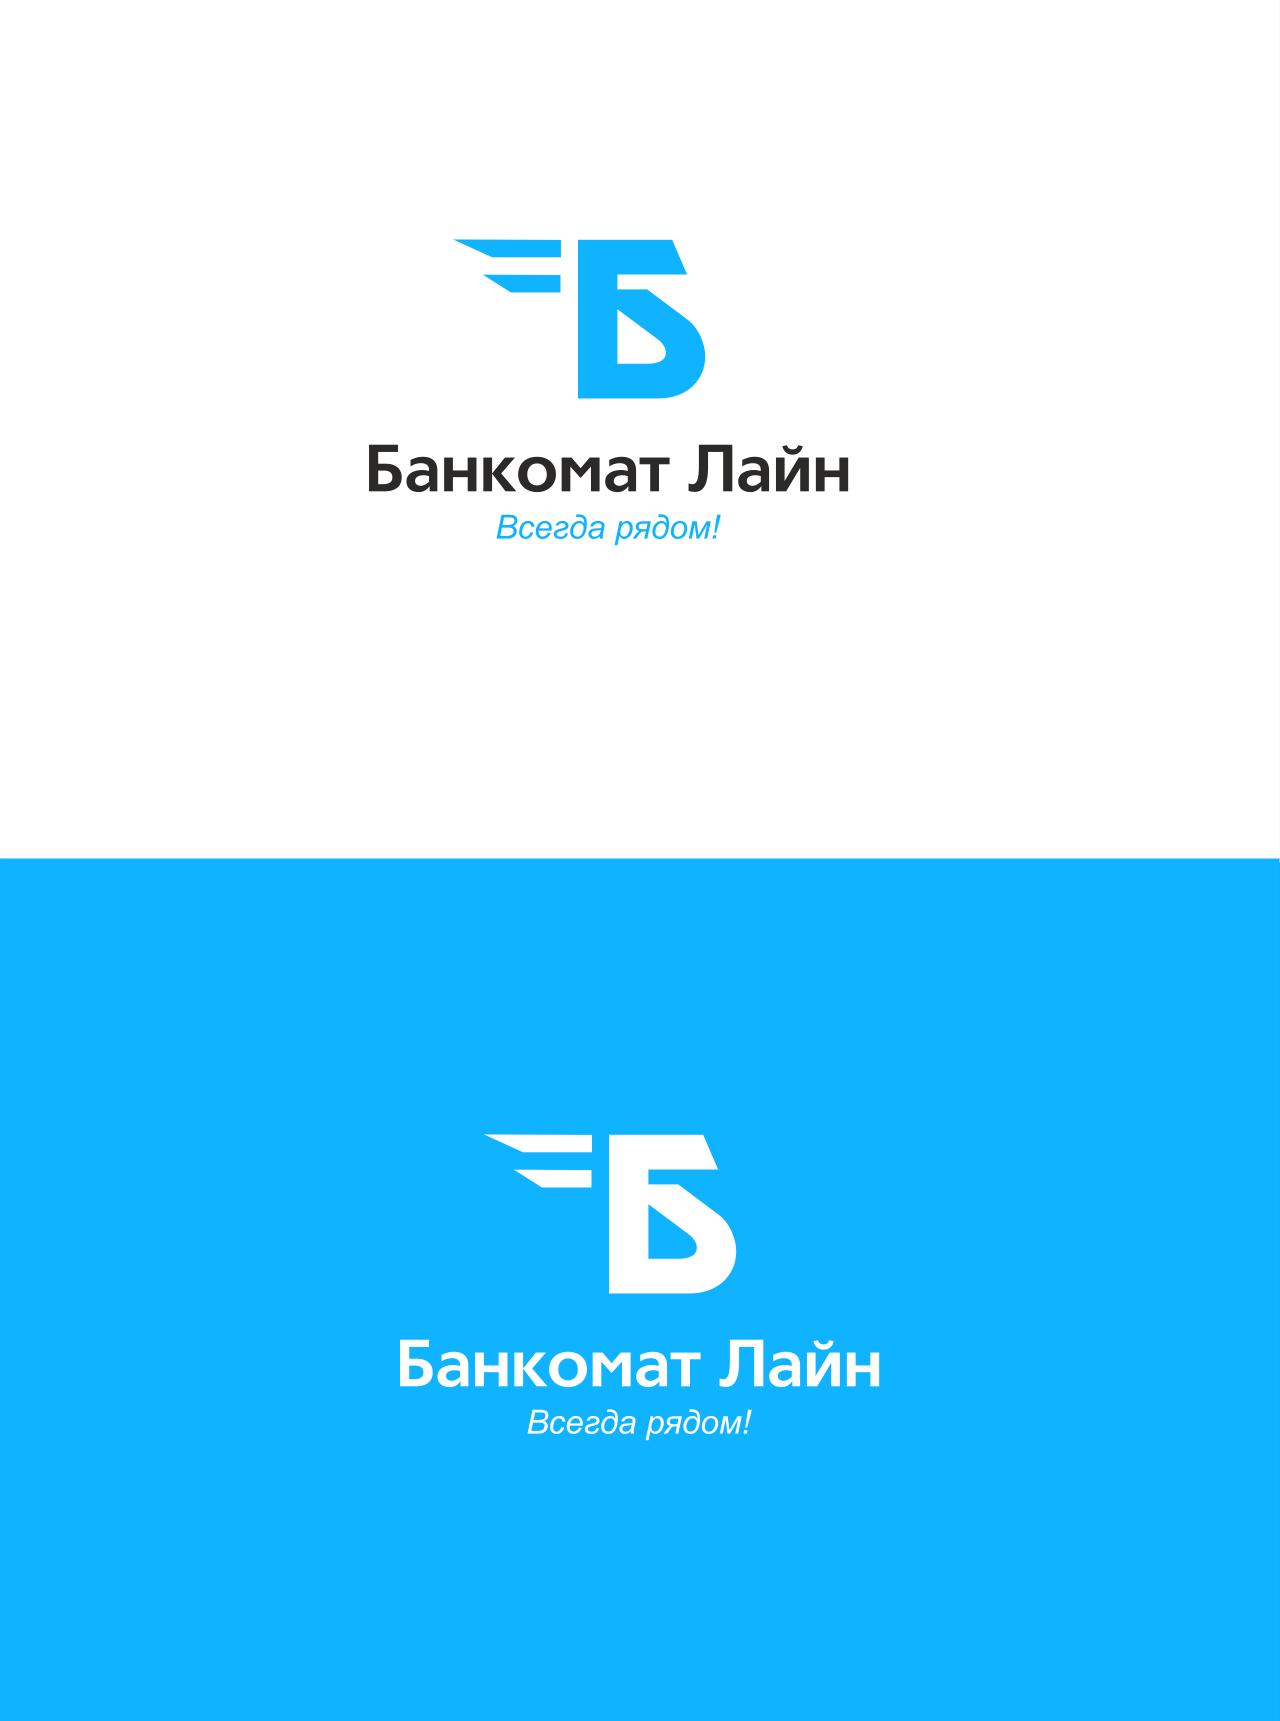 Разработка логотипа и слогана для транспортной компании фото f_5935876997cb0093.png